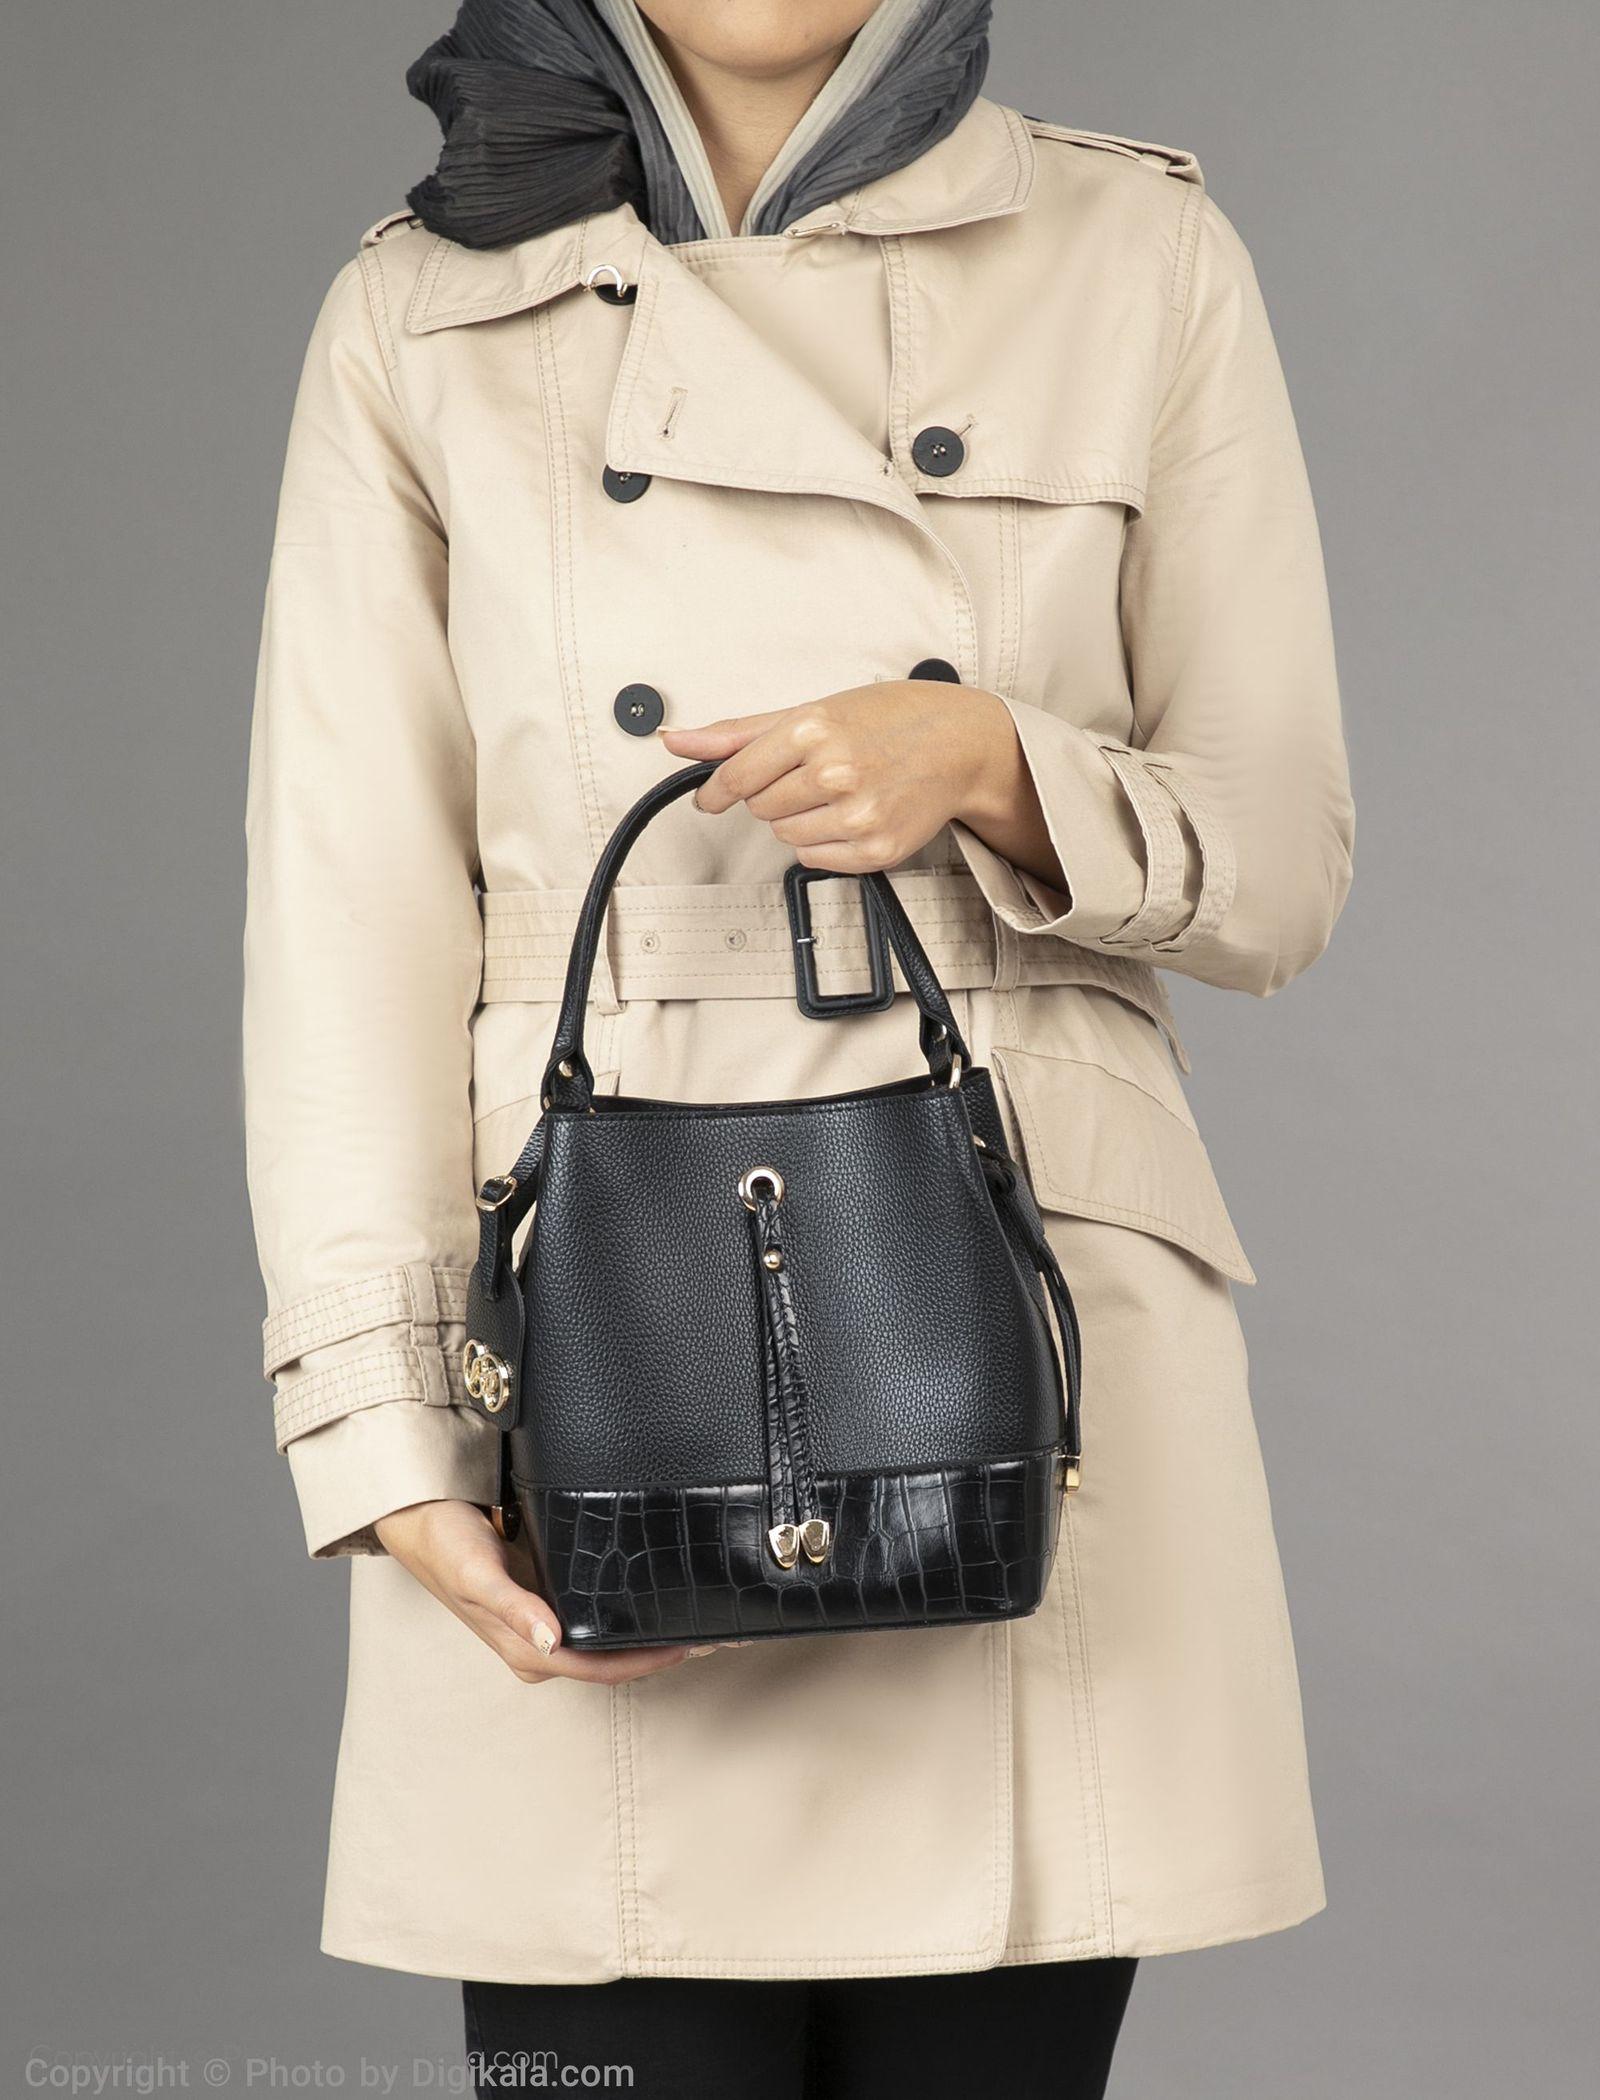 کیف دستی زنانه دنیلی مدل 86364577 -  - 2